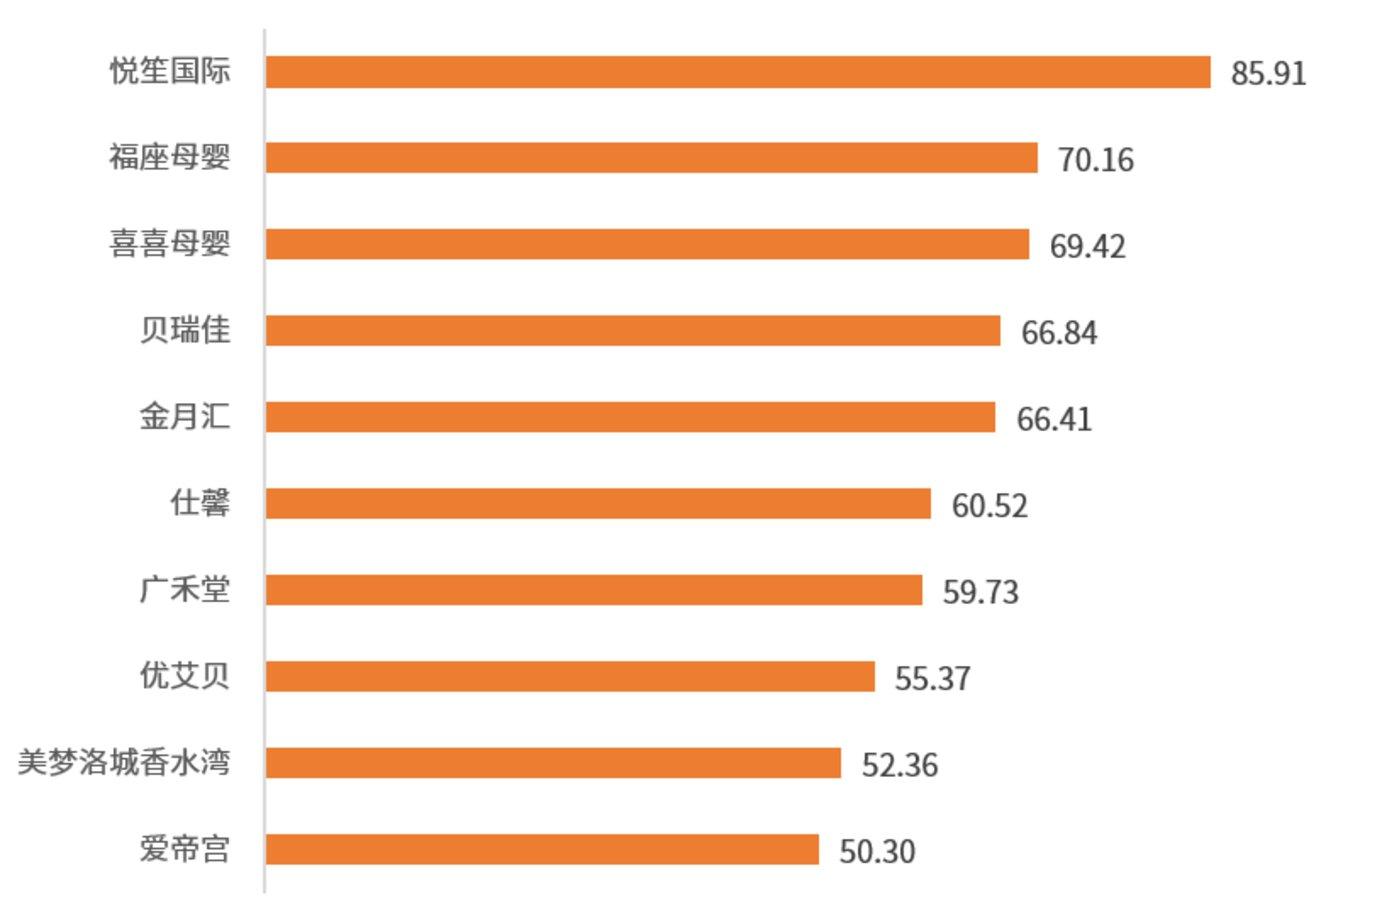 图:2021年中国月子中心机构品牌网络口碑排行榜TOP 10